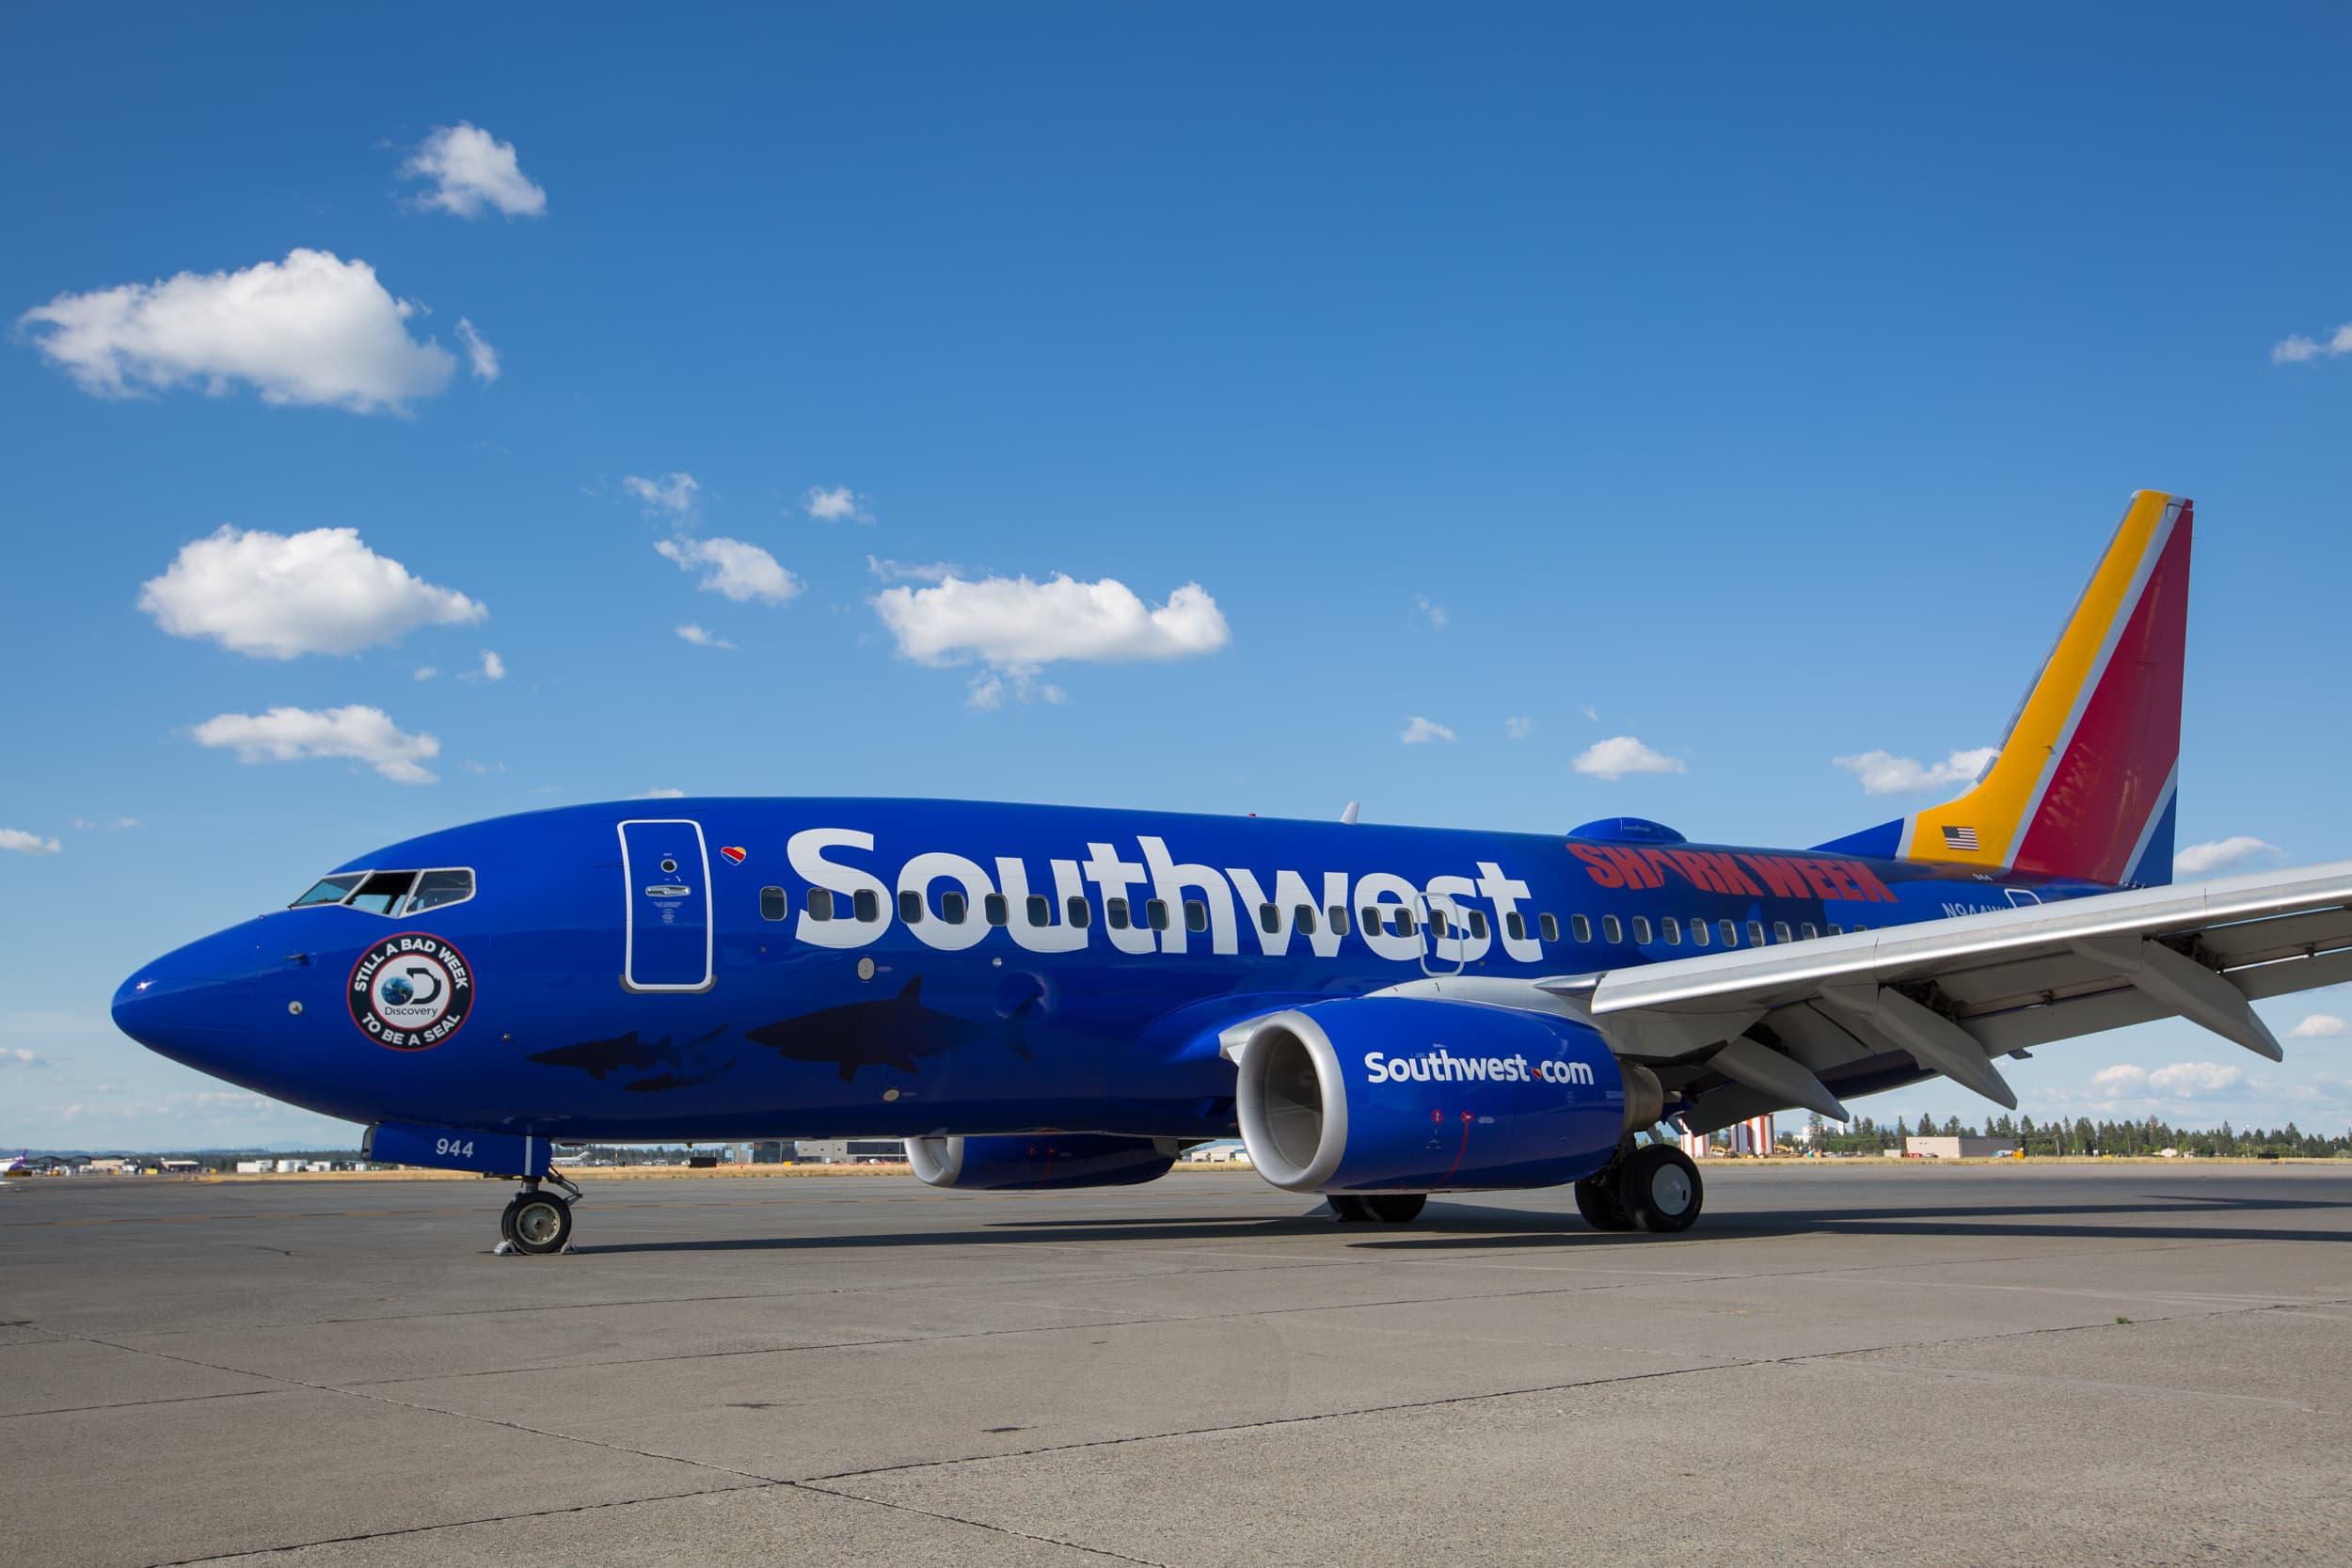 Chase increases bonus offer for Southwest Rapid Rewards credit cards